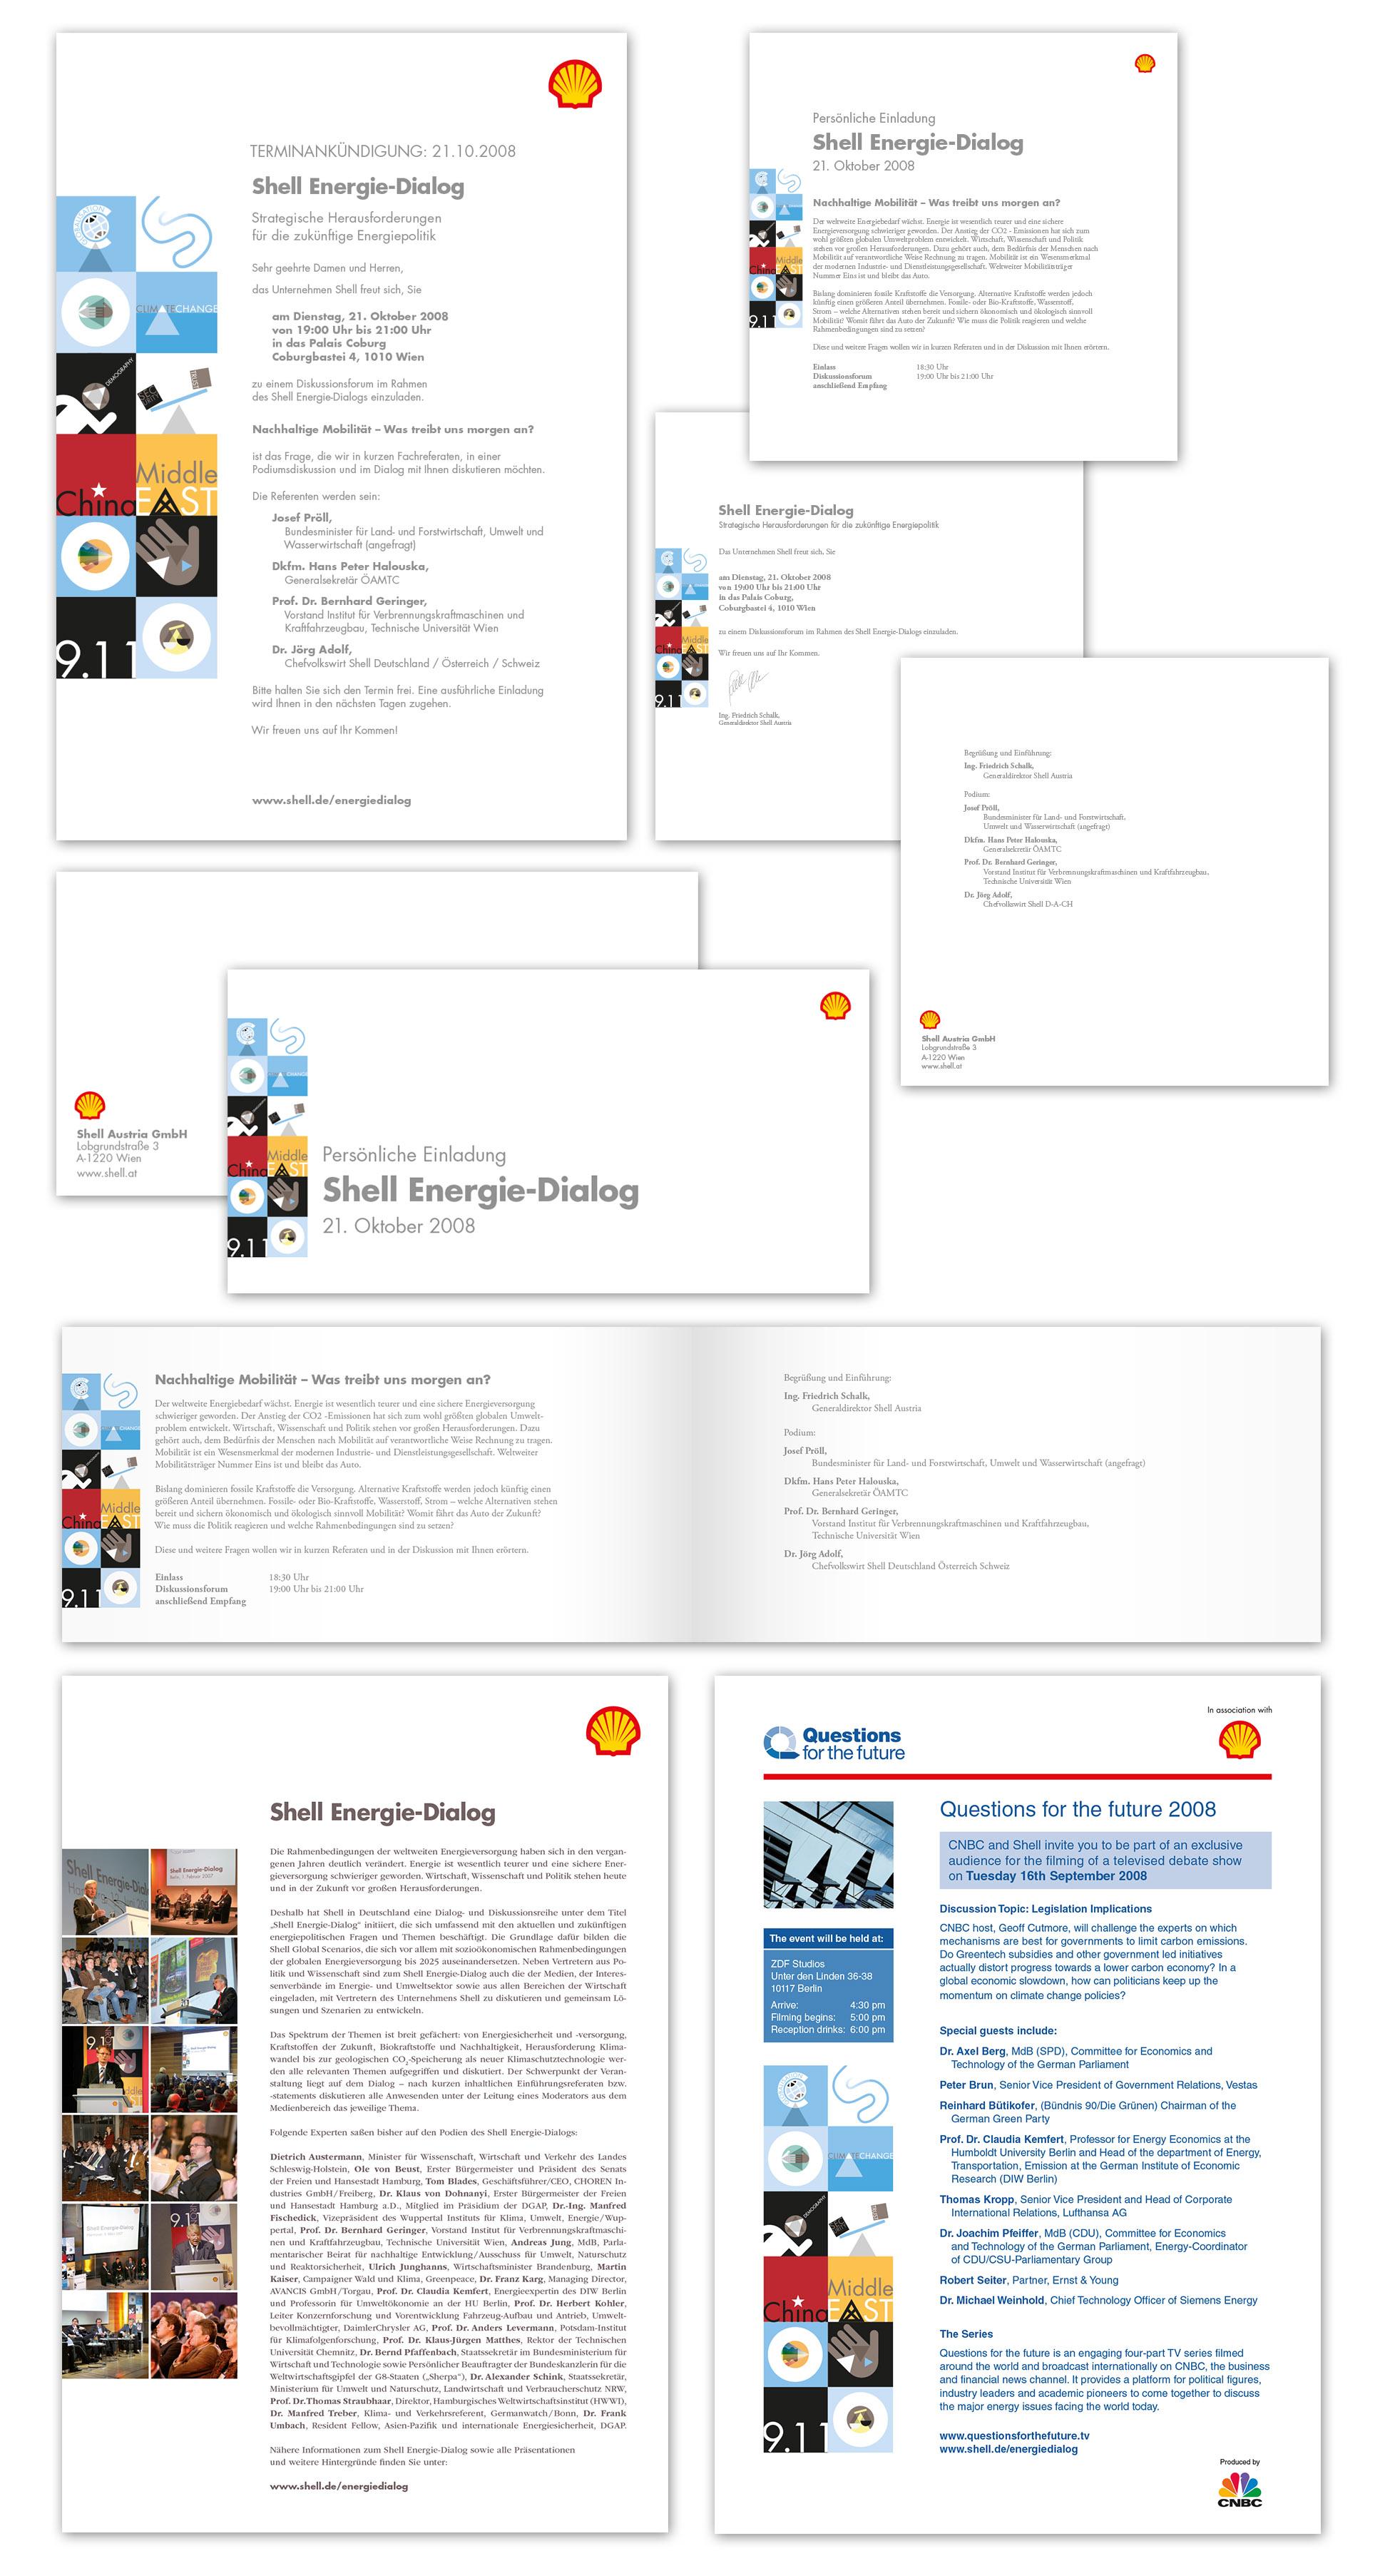 Shell DE Conference materials